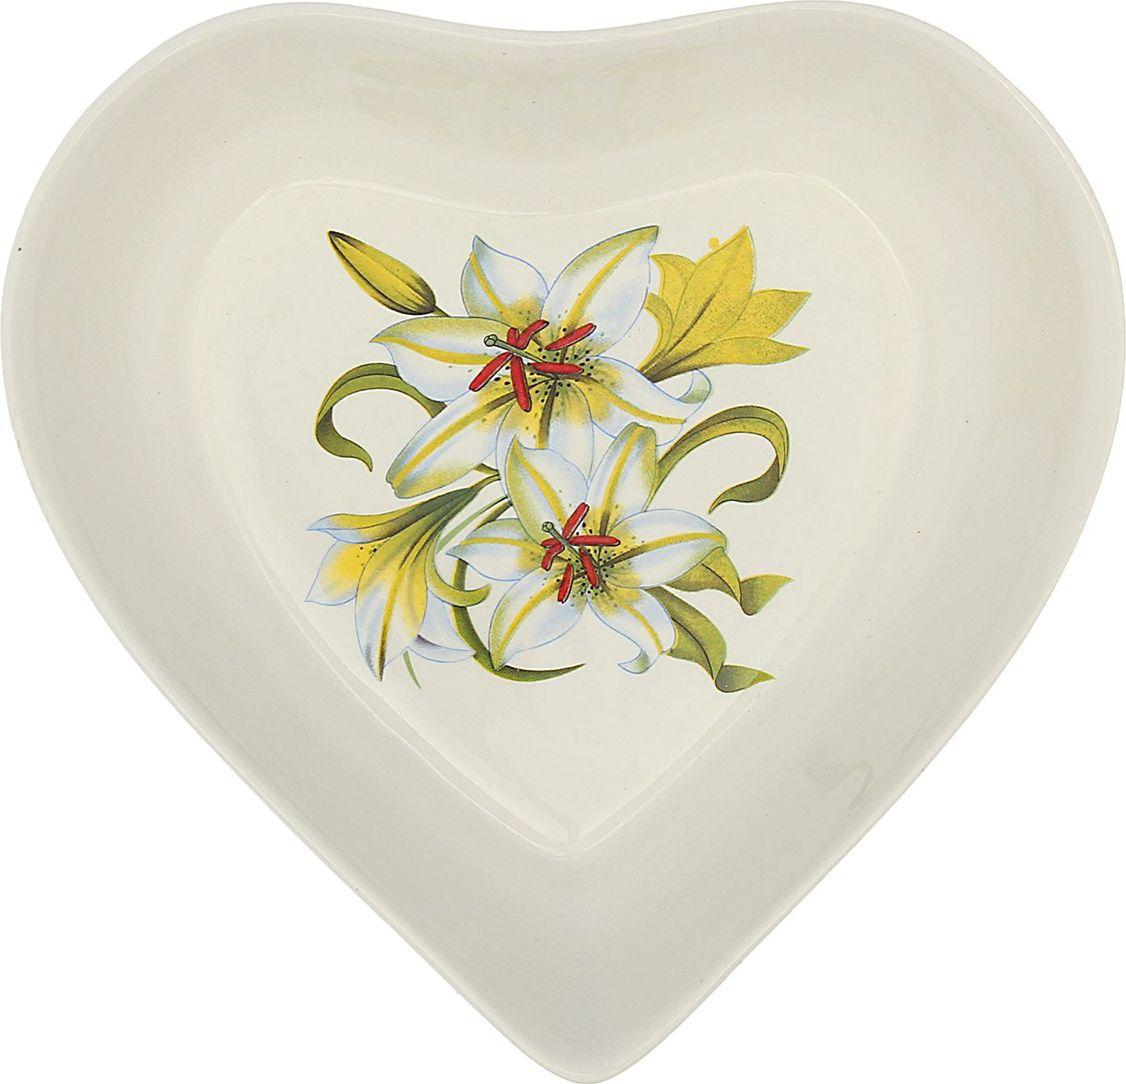 Салатник Керамика ручной работы Сердце. Цветы, 500 мл. 16473051647305Такой салатник понравится любителям вкусной и полезной домашней пищи. Такая посуда практична и красива, в ней можно хранить и подавать разнообразные блюда. При многократном использовании изделие сохранит свой вид и выдержит мытьё в посудомоечной машине. В керамической ёмкости горячая пища долго сохраняет своё тепло, остуженные блюда остаются прохладными. Изделие не выделяет вредных веществ при нагревании и длительном хранении за счёт экологичности материала. Блюда, поданные в такой посуде, выглядят привлекательно и аппетитно.